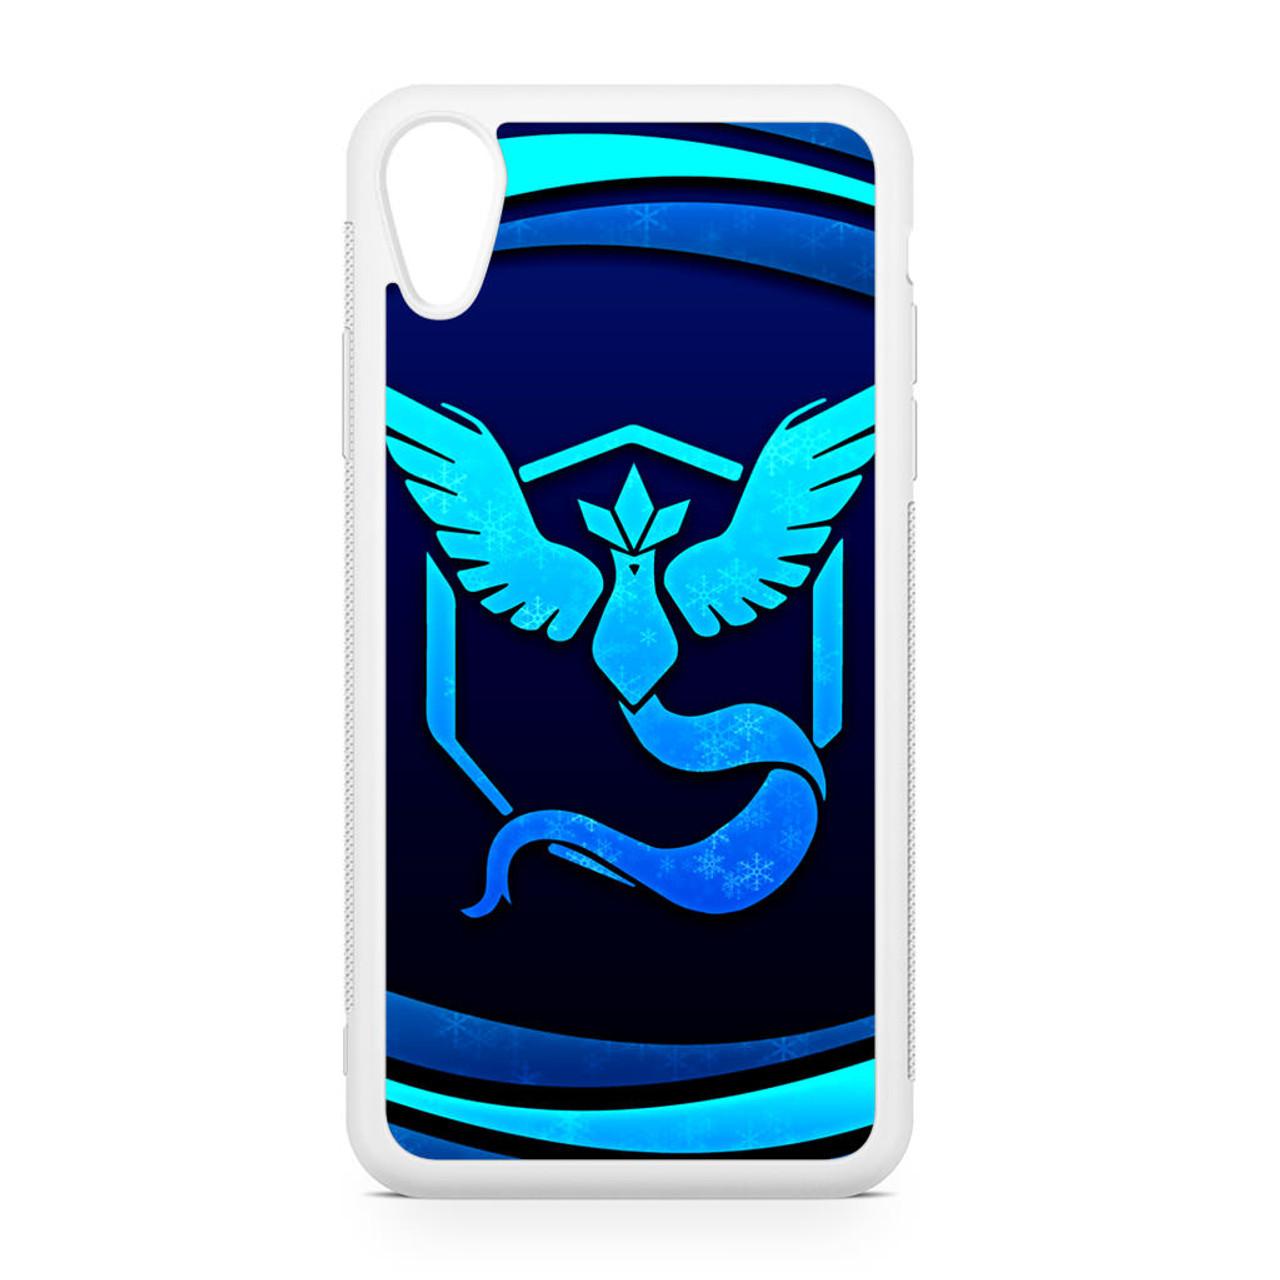 PokemonGO Team Mystic iphone case